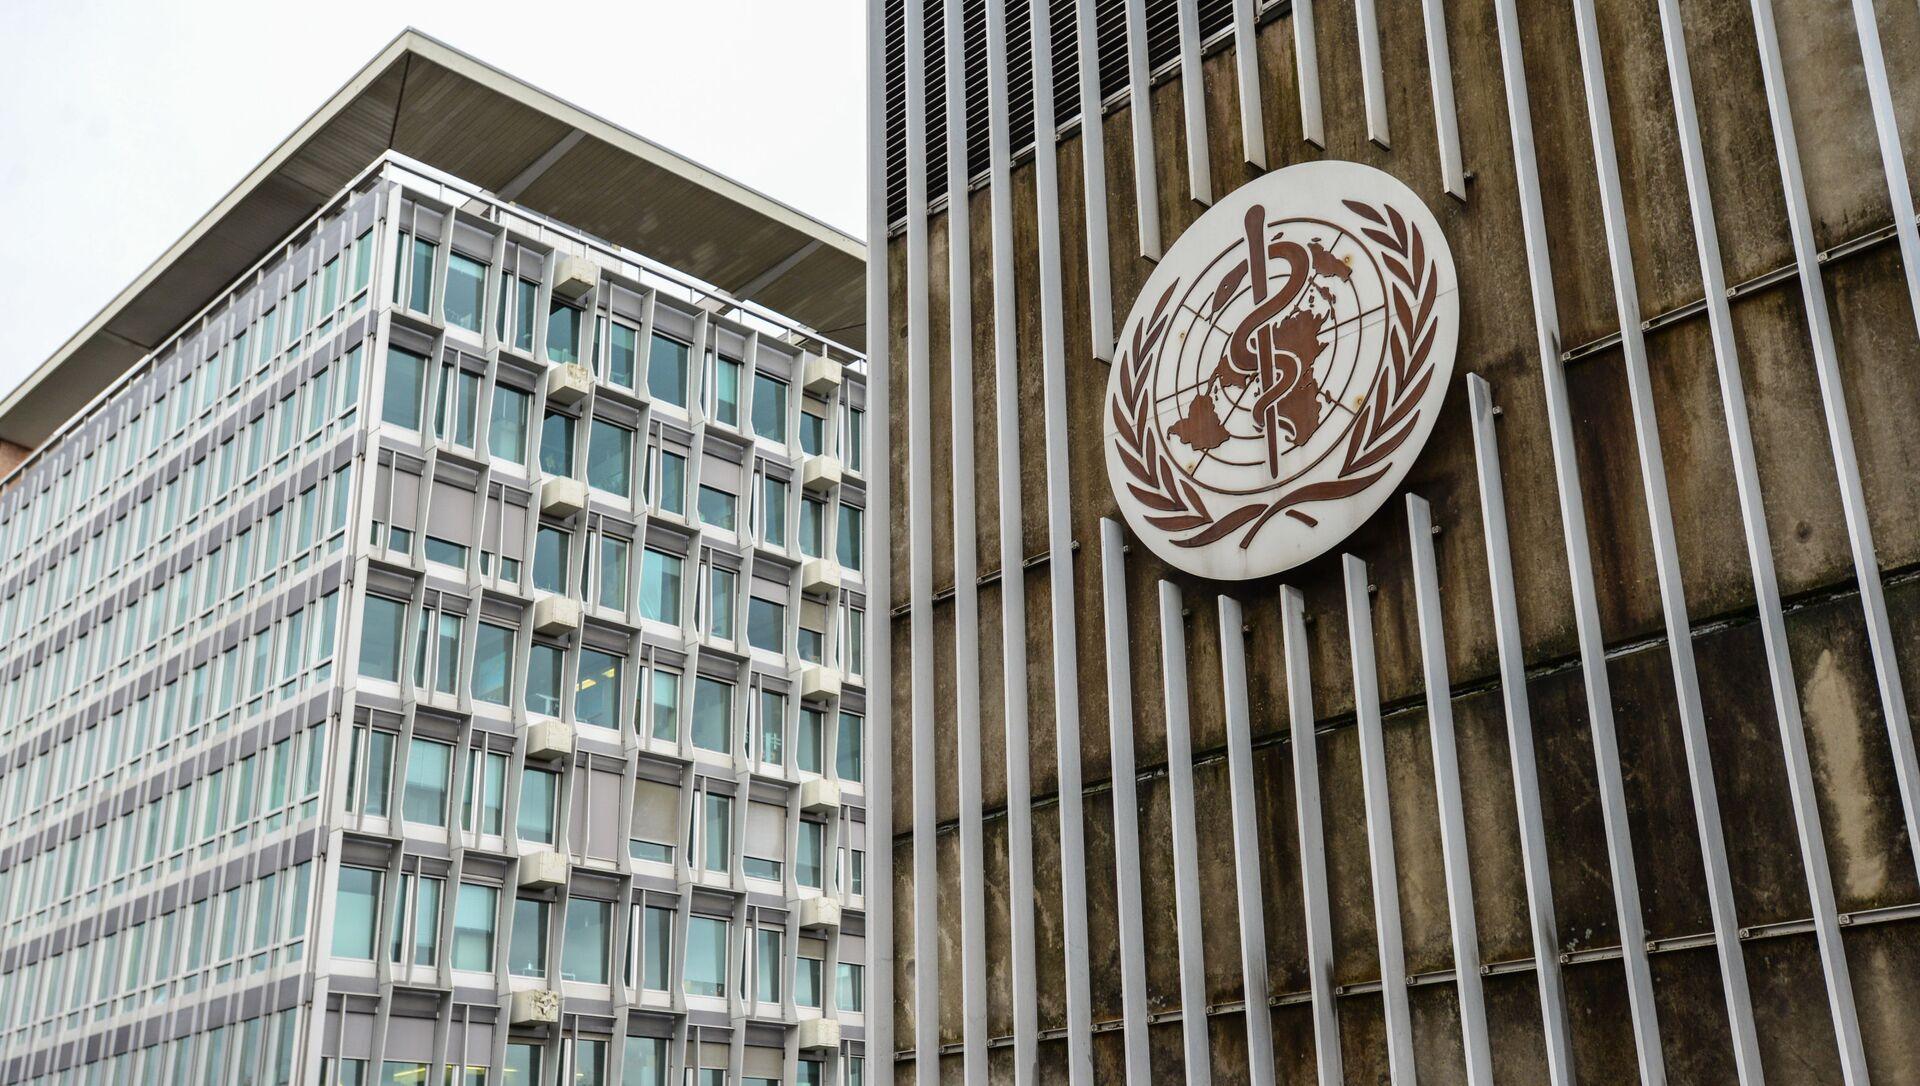 Le siège de l'Organisation mondiale de la santé (OMS) à Genève - Sputnik France, 1920, 02.09.2021